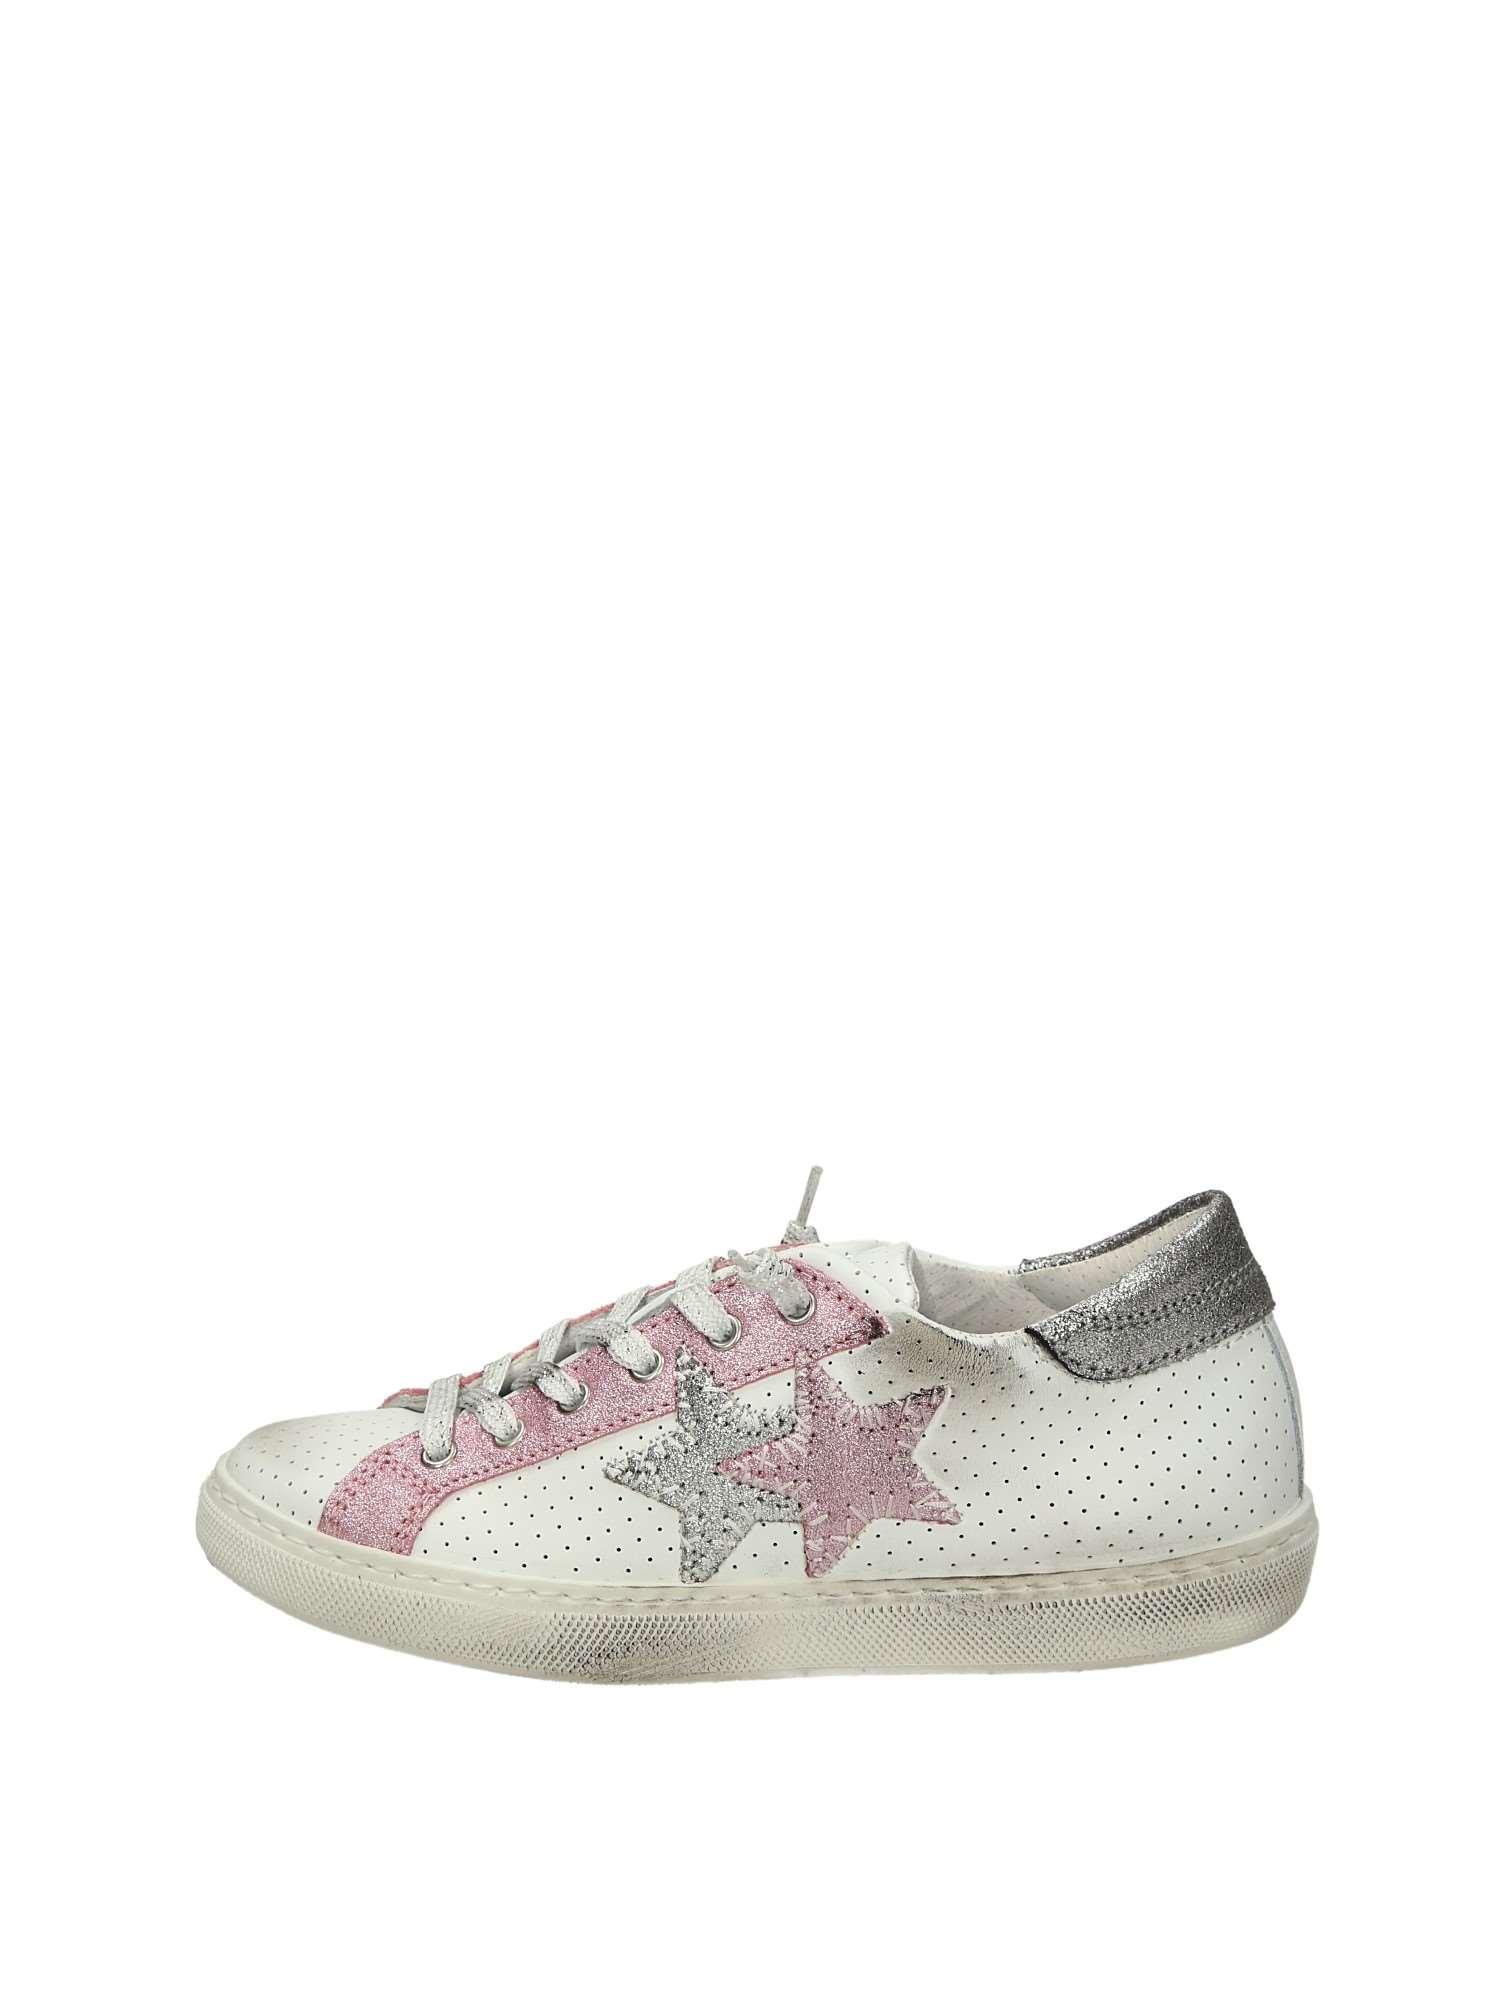 2star 2SB1111C Bianco Rosa Scarpe Donna Sneakers 5a90e498982